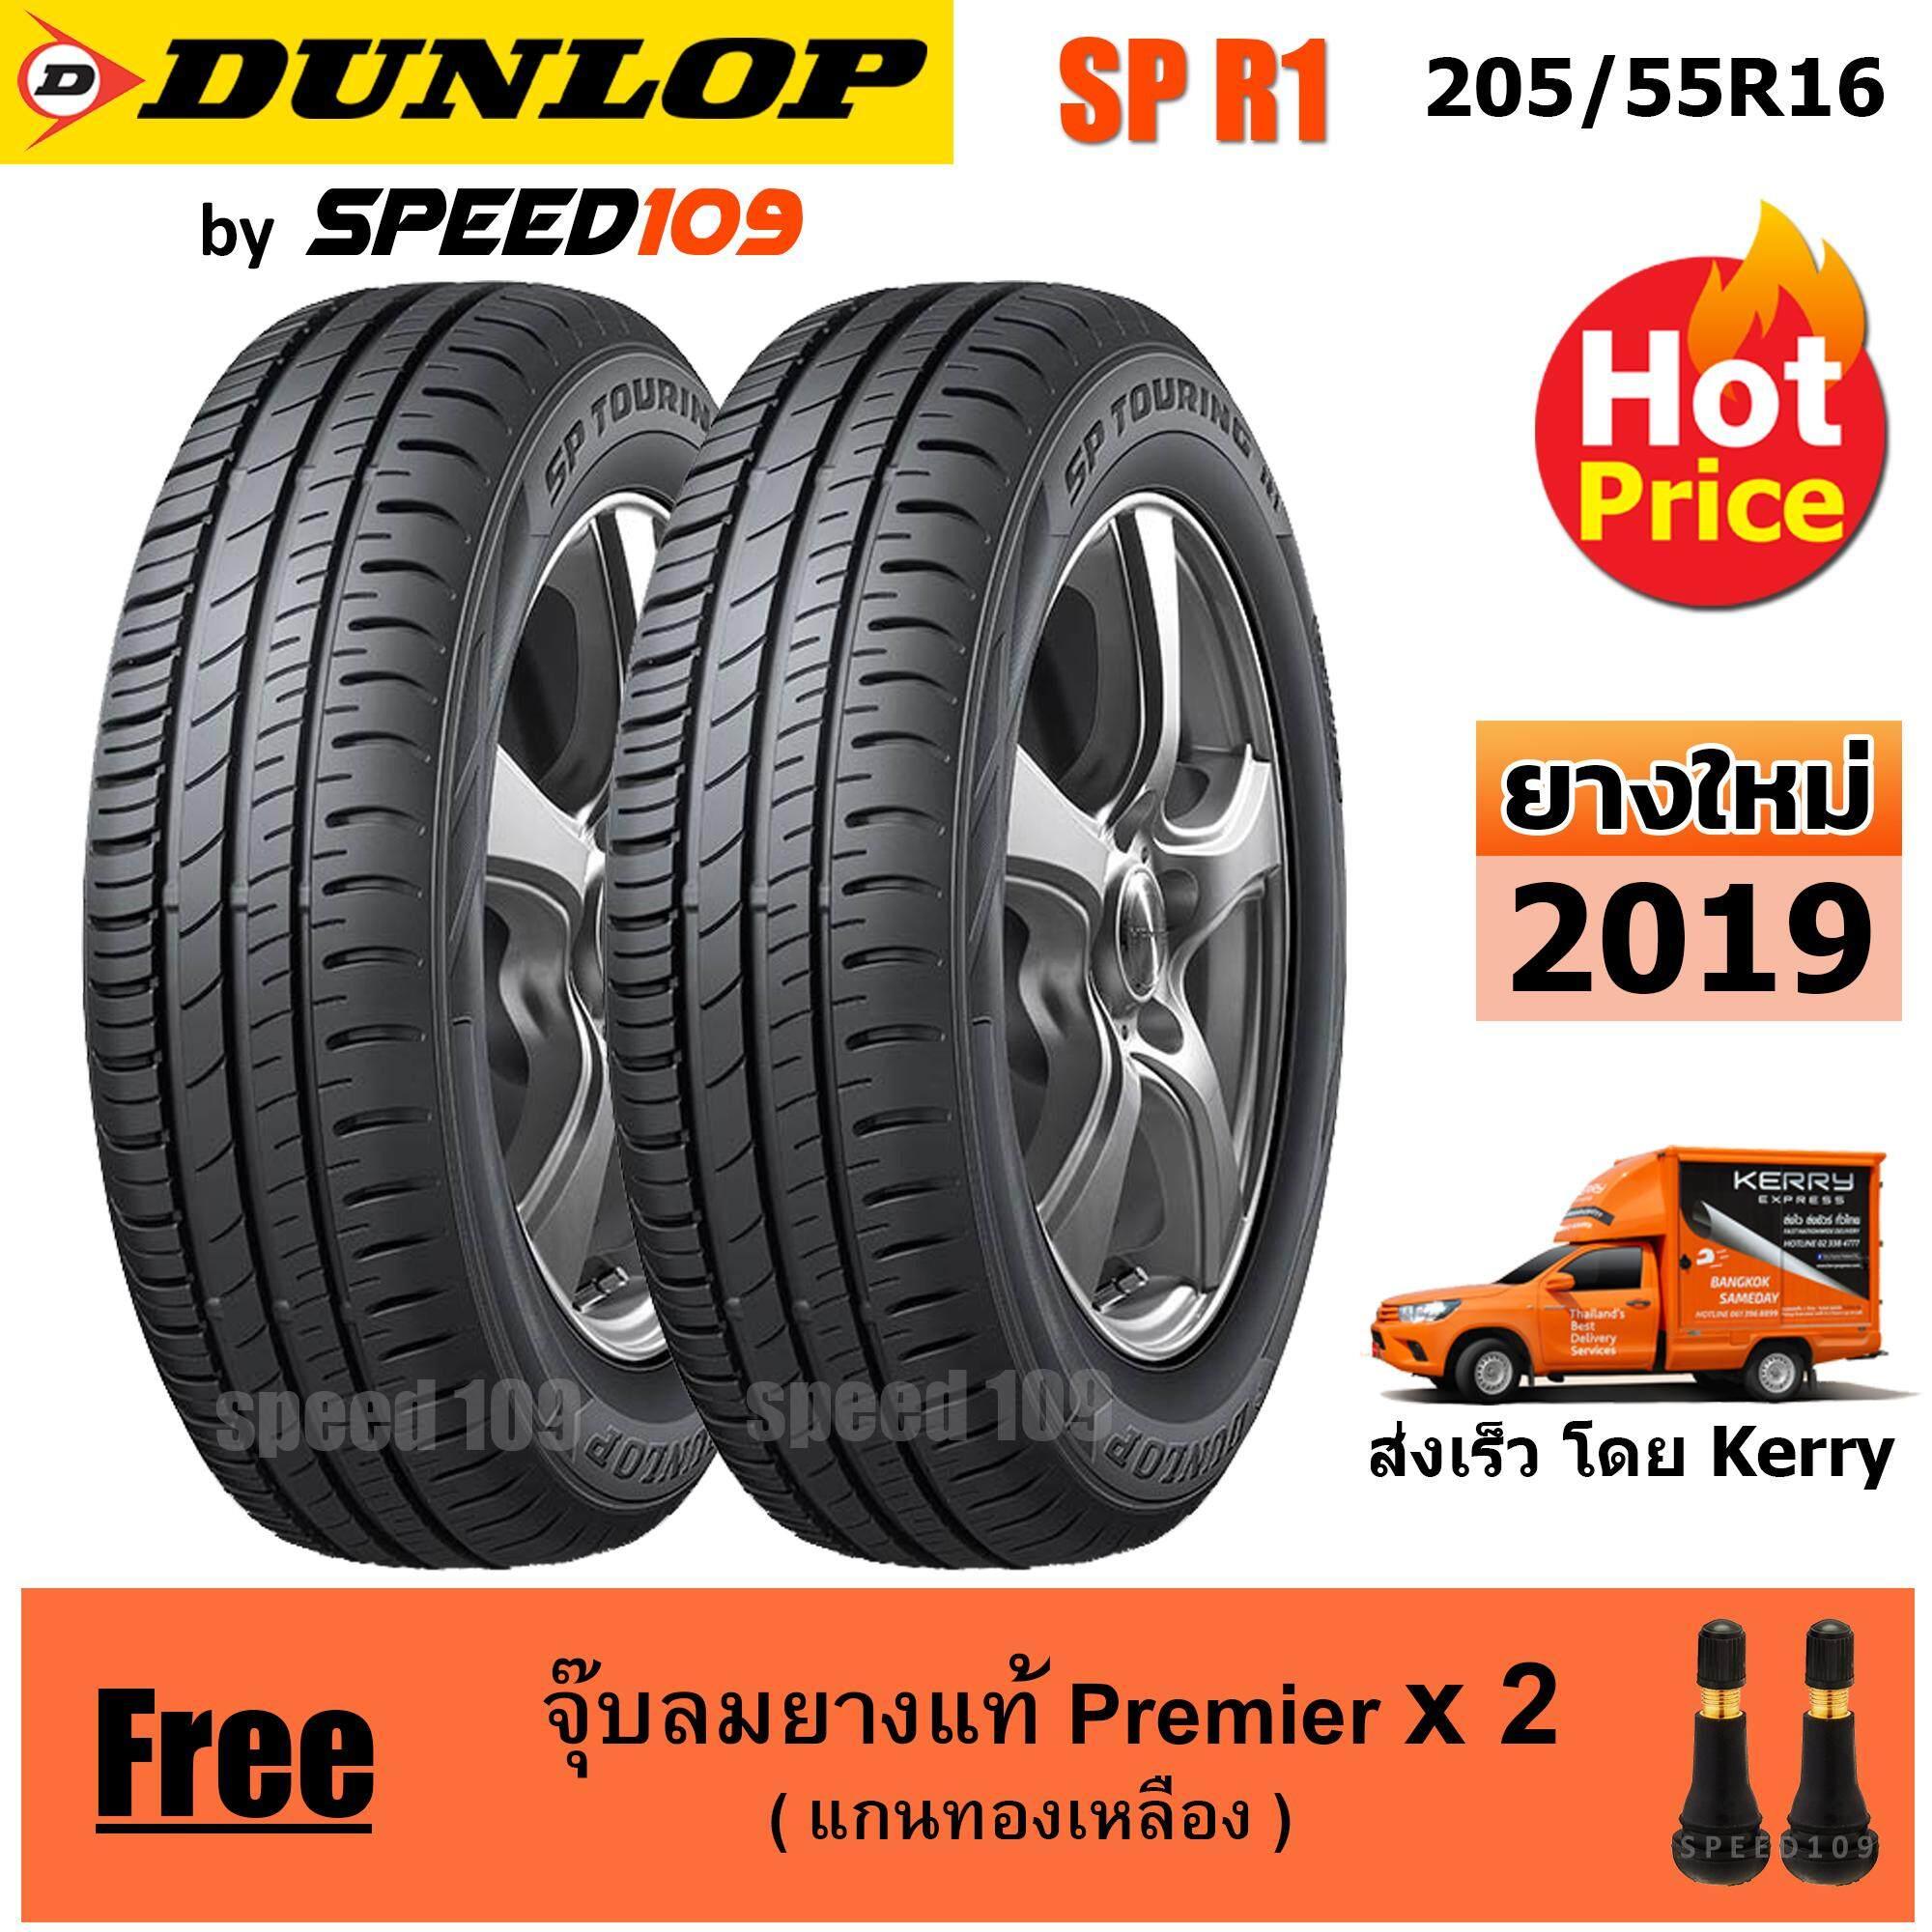 ประกันภัย รถยนต์ ชั้น 3 ราคา ถูก อุดรธานี DUNLOP ยางรถยนต์ ขอบ 16 ขนาด 205/55R16 รุ่น SP TOURING R1 - 2 เส้น (ปี 2019)